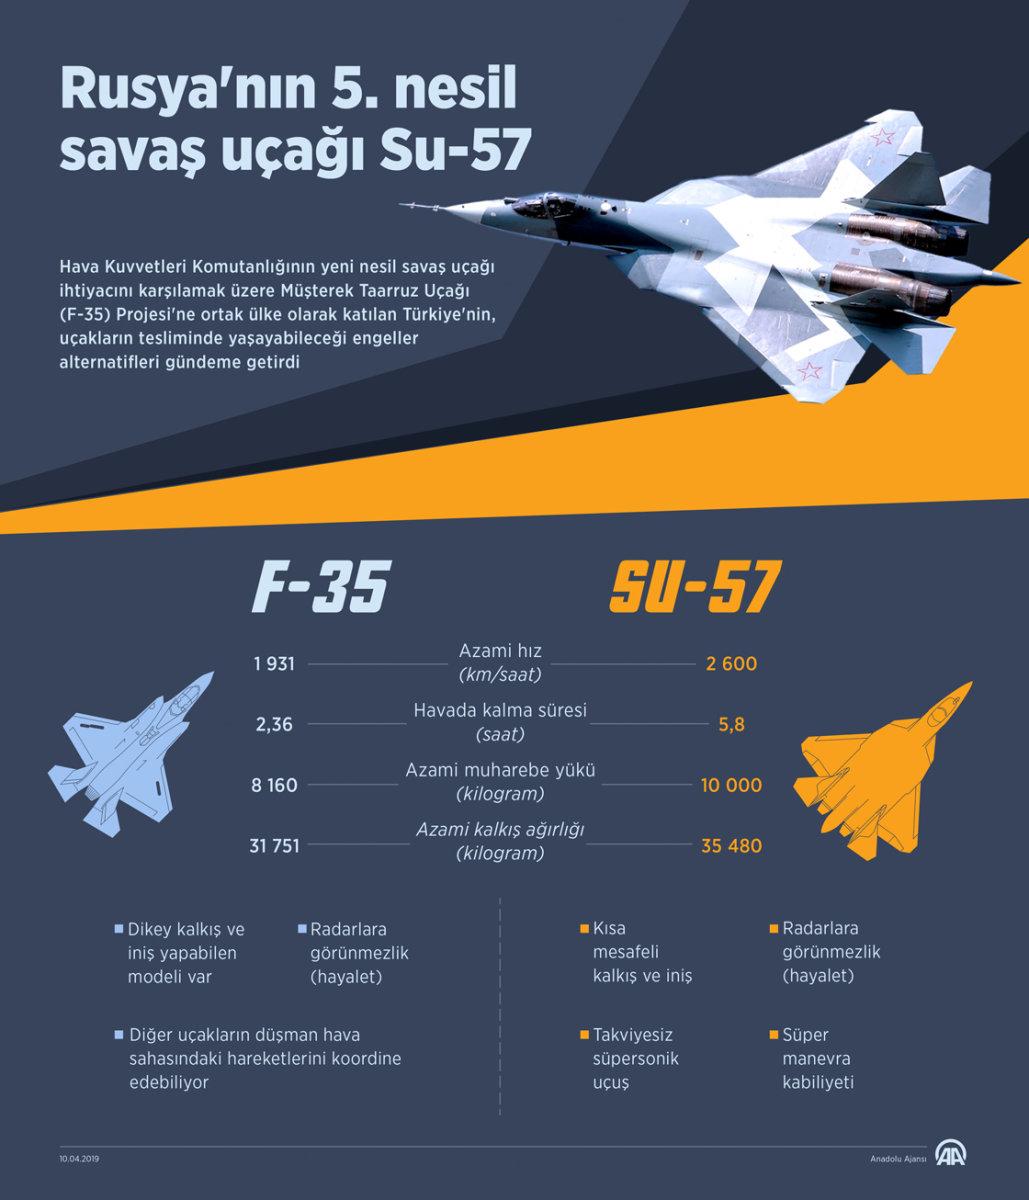 F-35 ve Su-57 Karşılaştırması